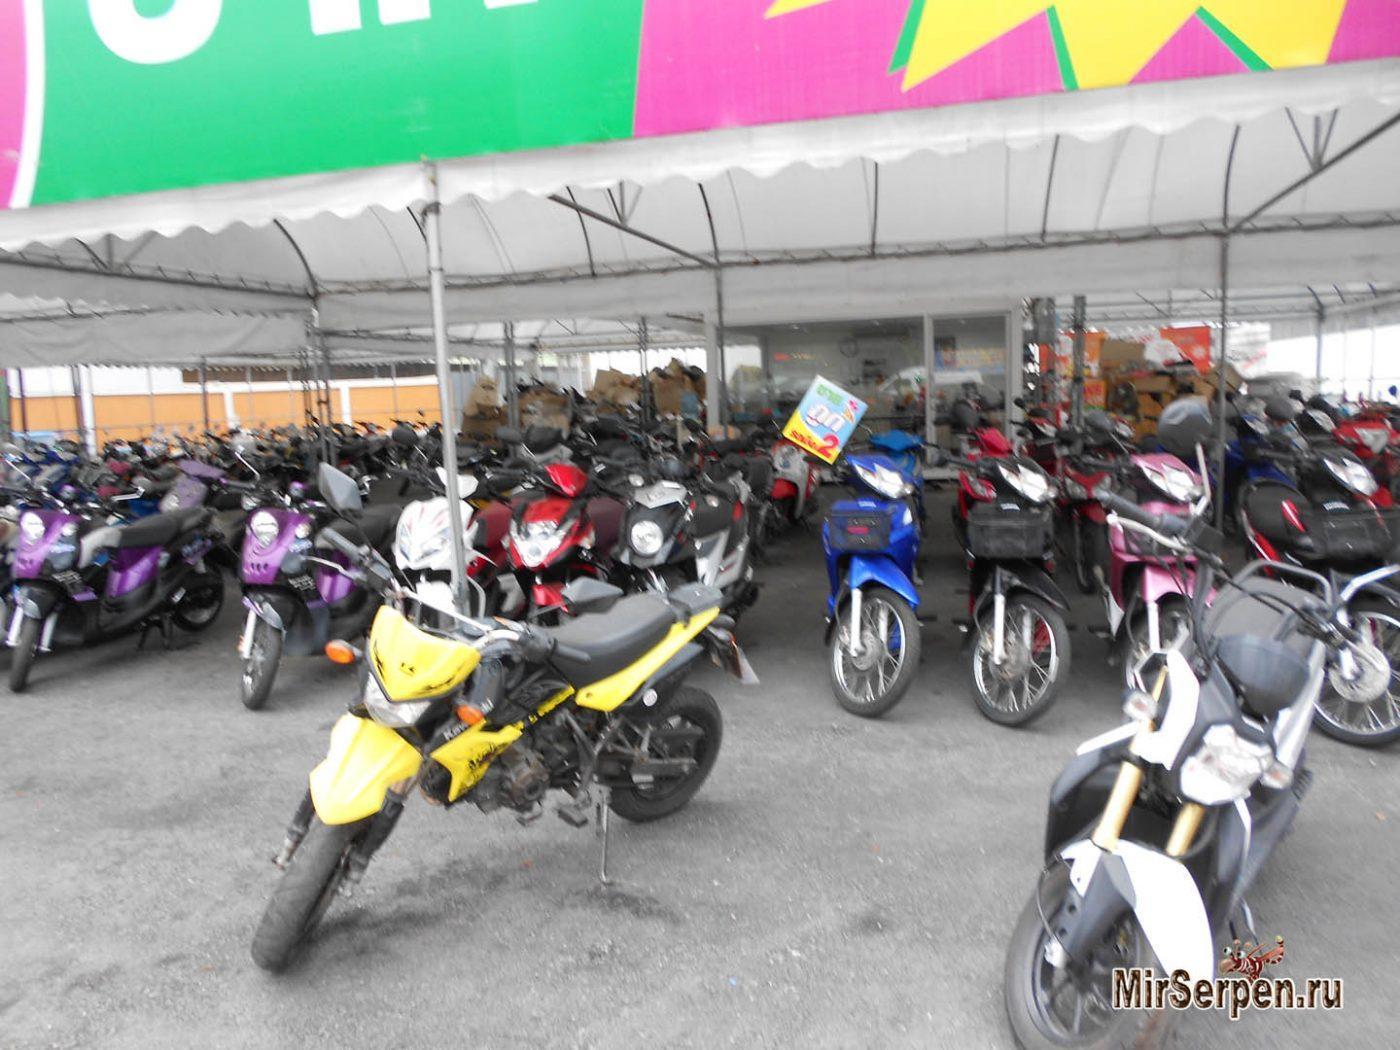 Вымогательство при аренде транспортных средств в Таиланде